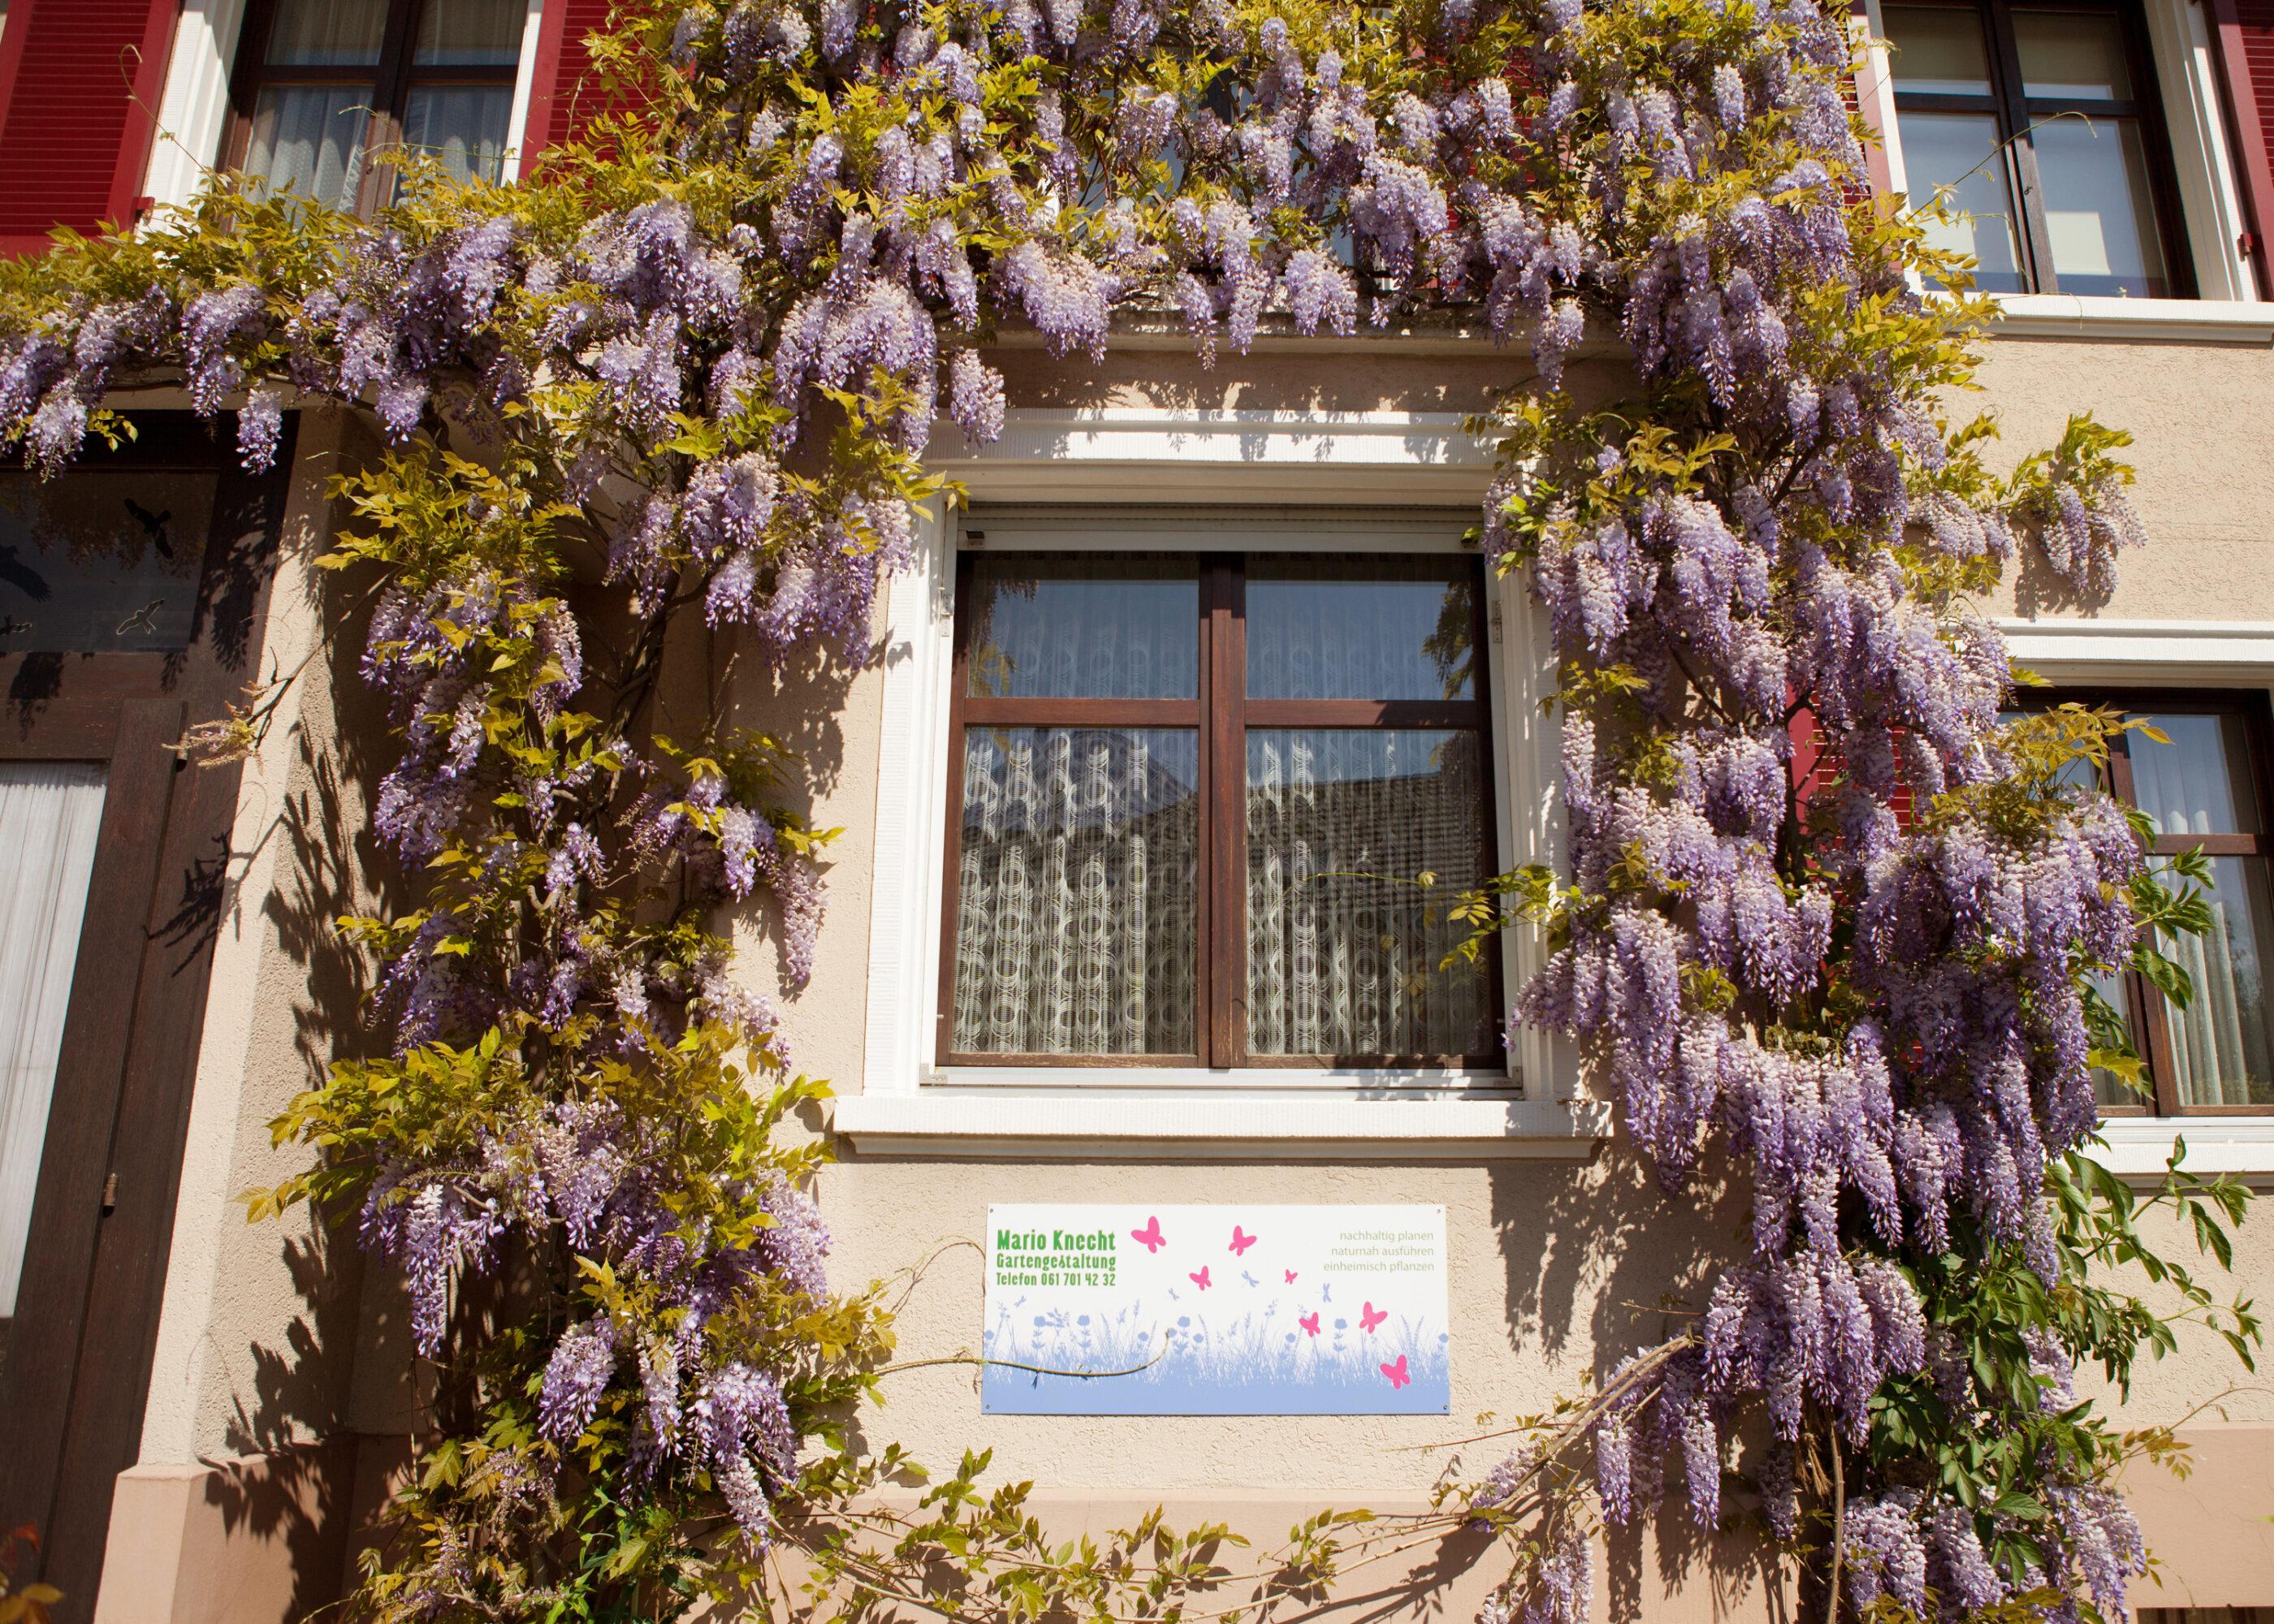 Mario Knecht Gartengestaltung Basel Glyzinie